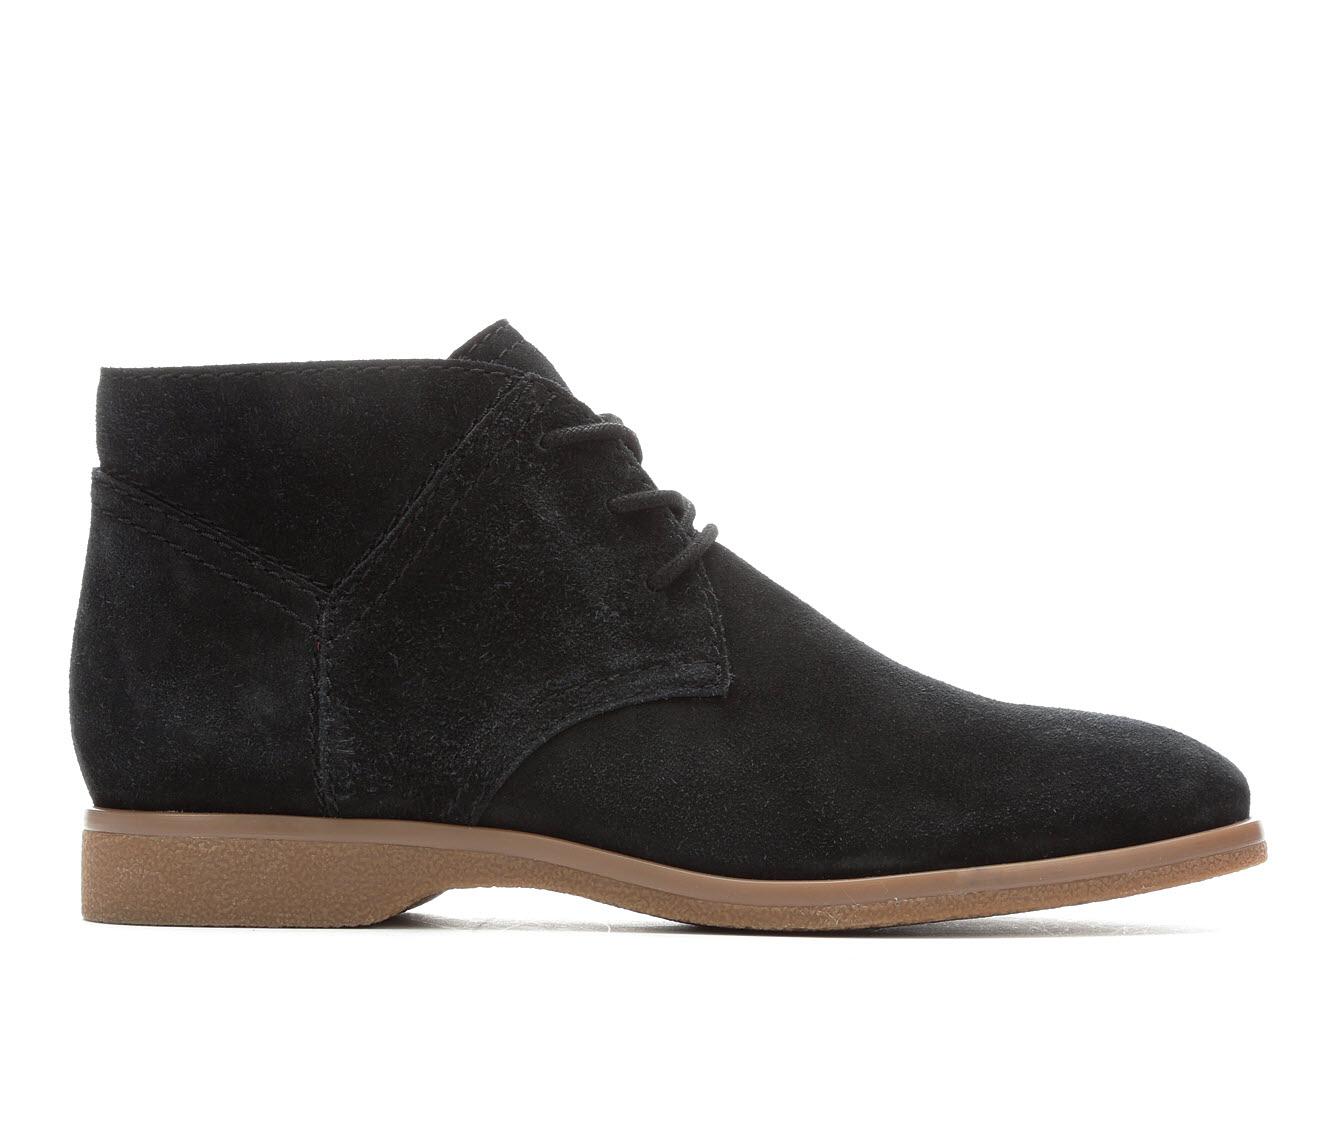 Franco Sarto Percy Women's Boots (Black - Suede)